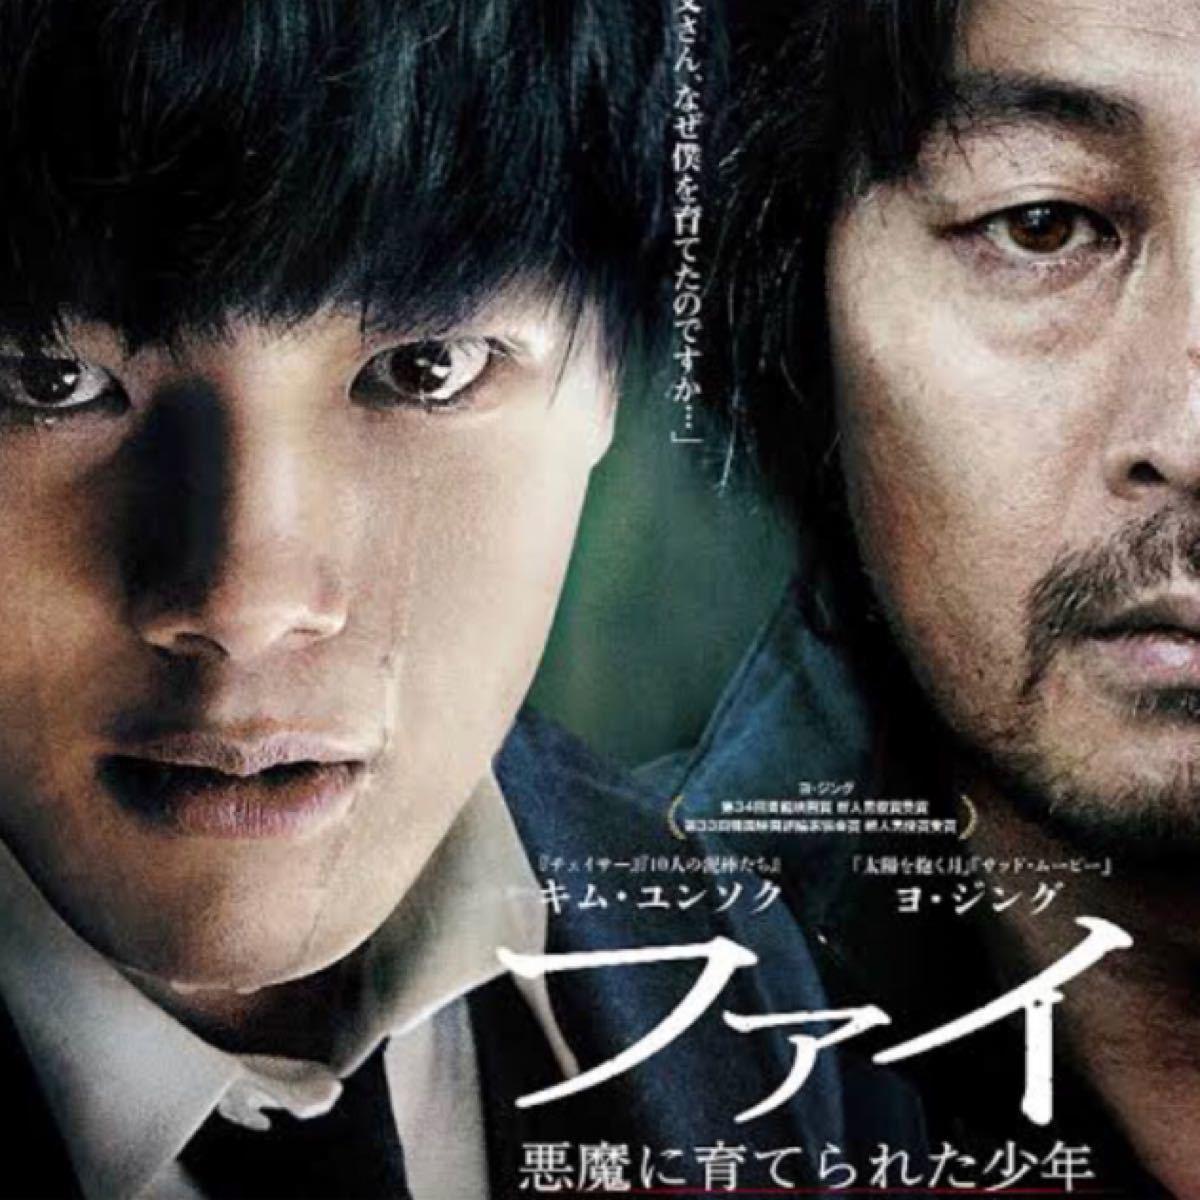 韓国映画  ファイ  ヨ・ジング  チョ・ジヌン  DVD  日本語吹替有り  レーベル有り